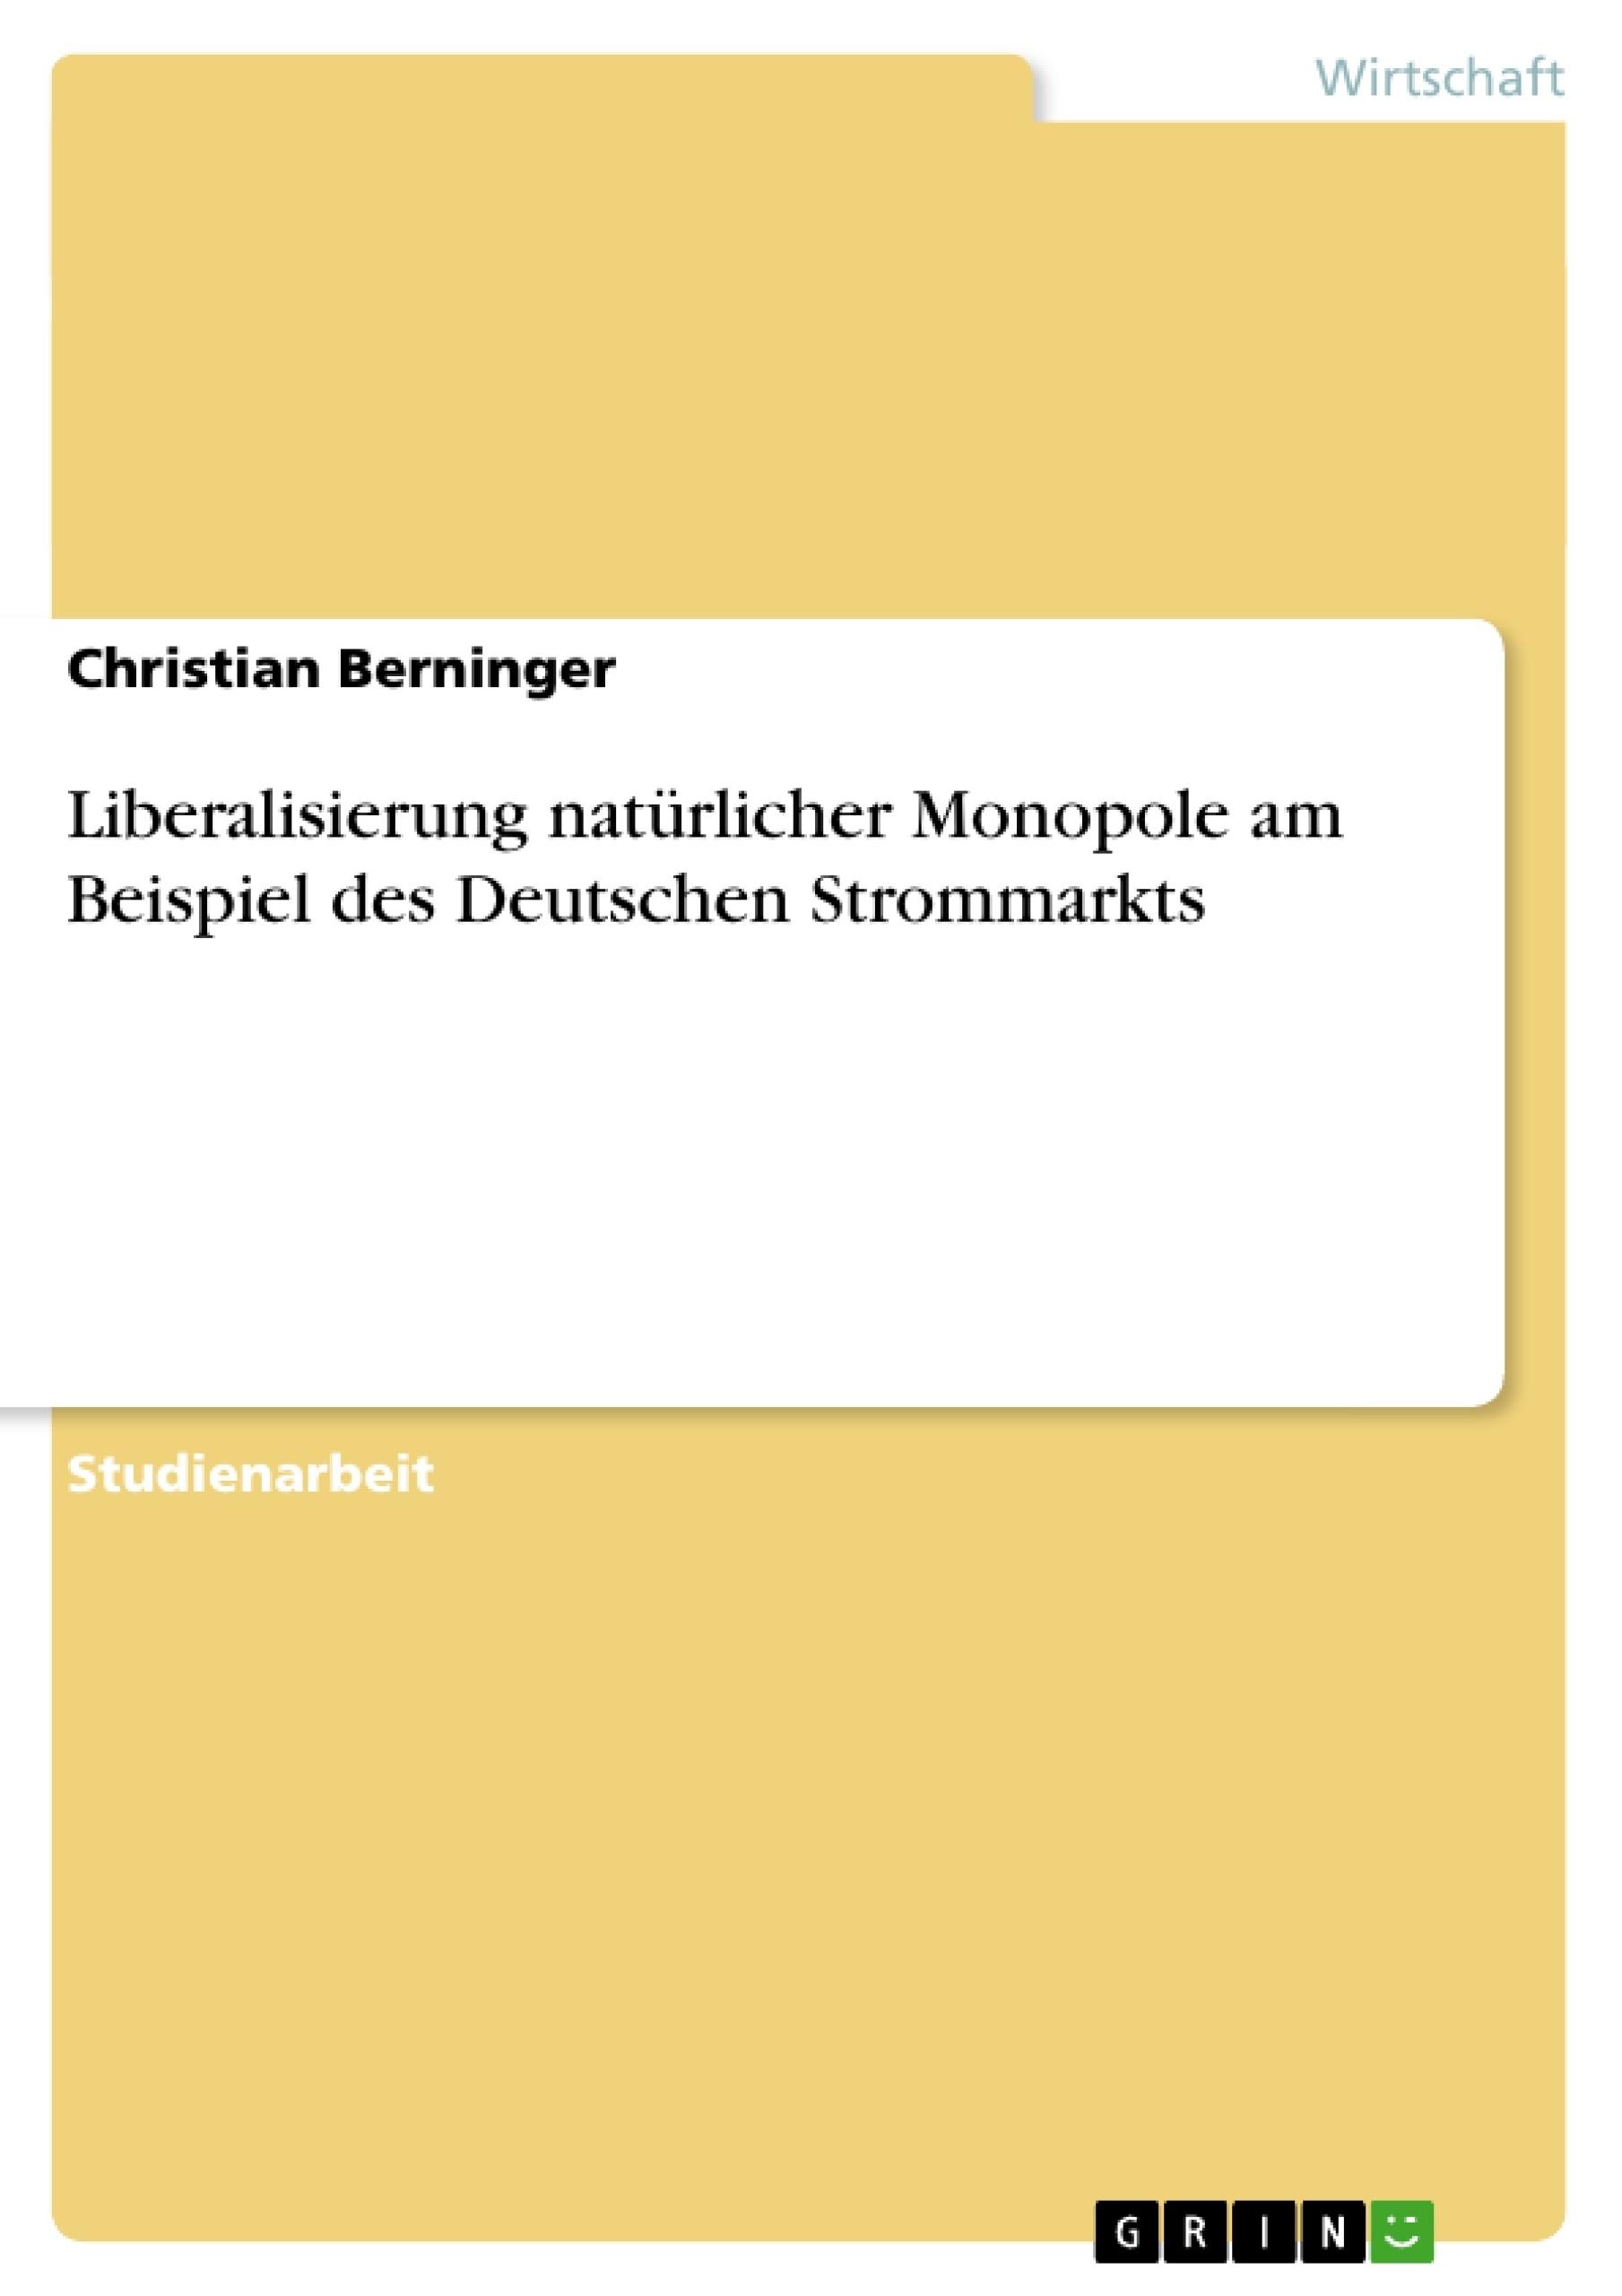 Titel: Liberalisierung natürlicher Monopole am Beispiel des Deutschen Strommarkts